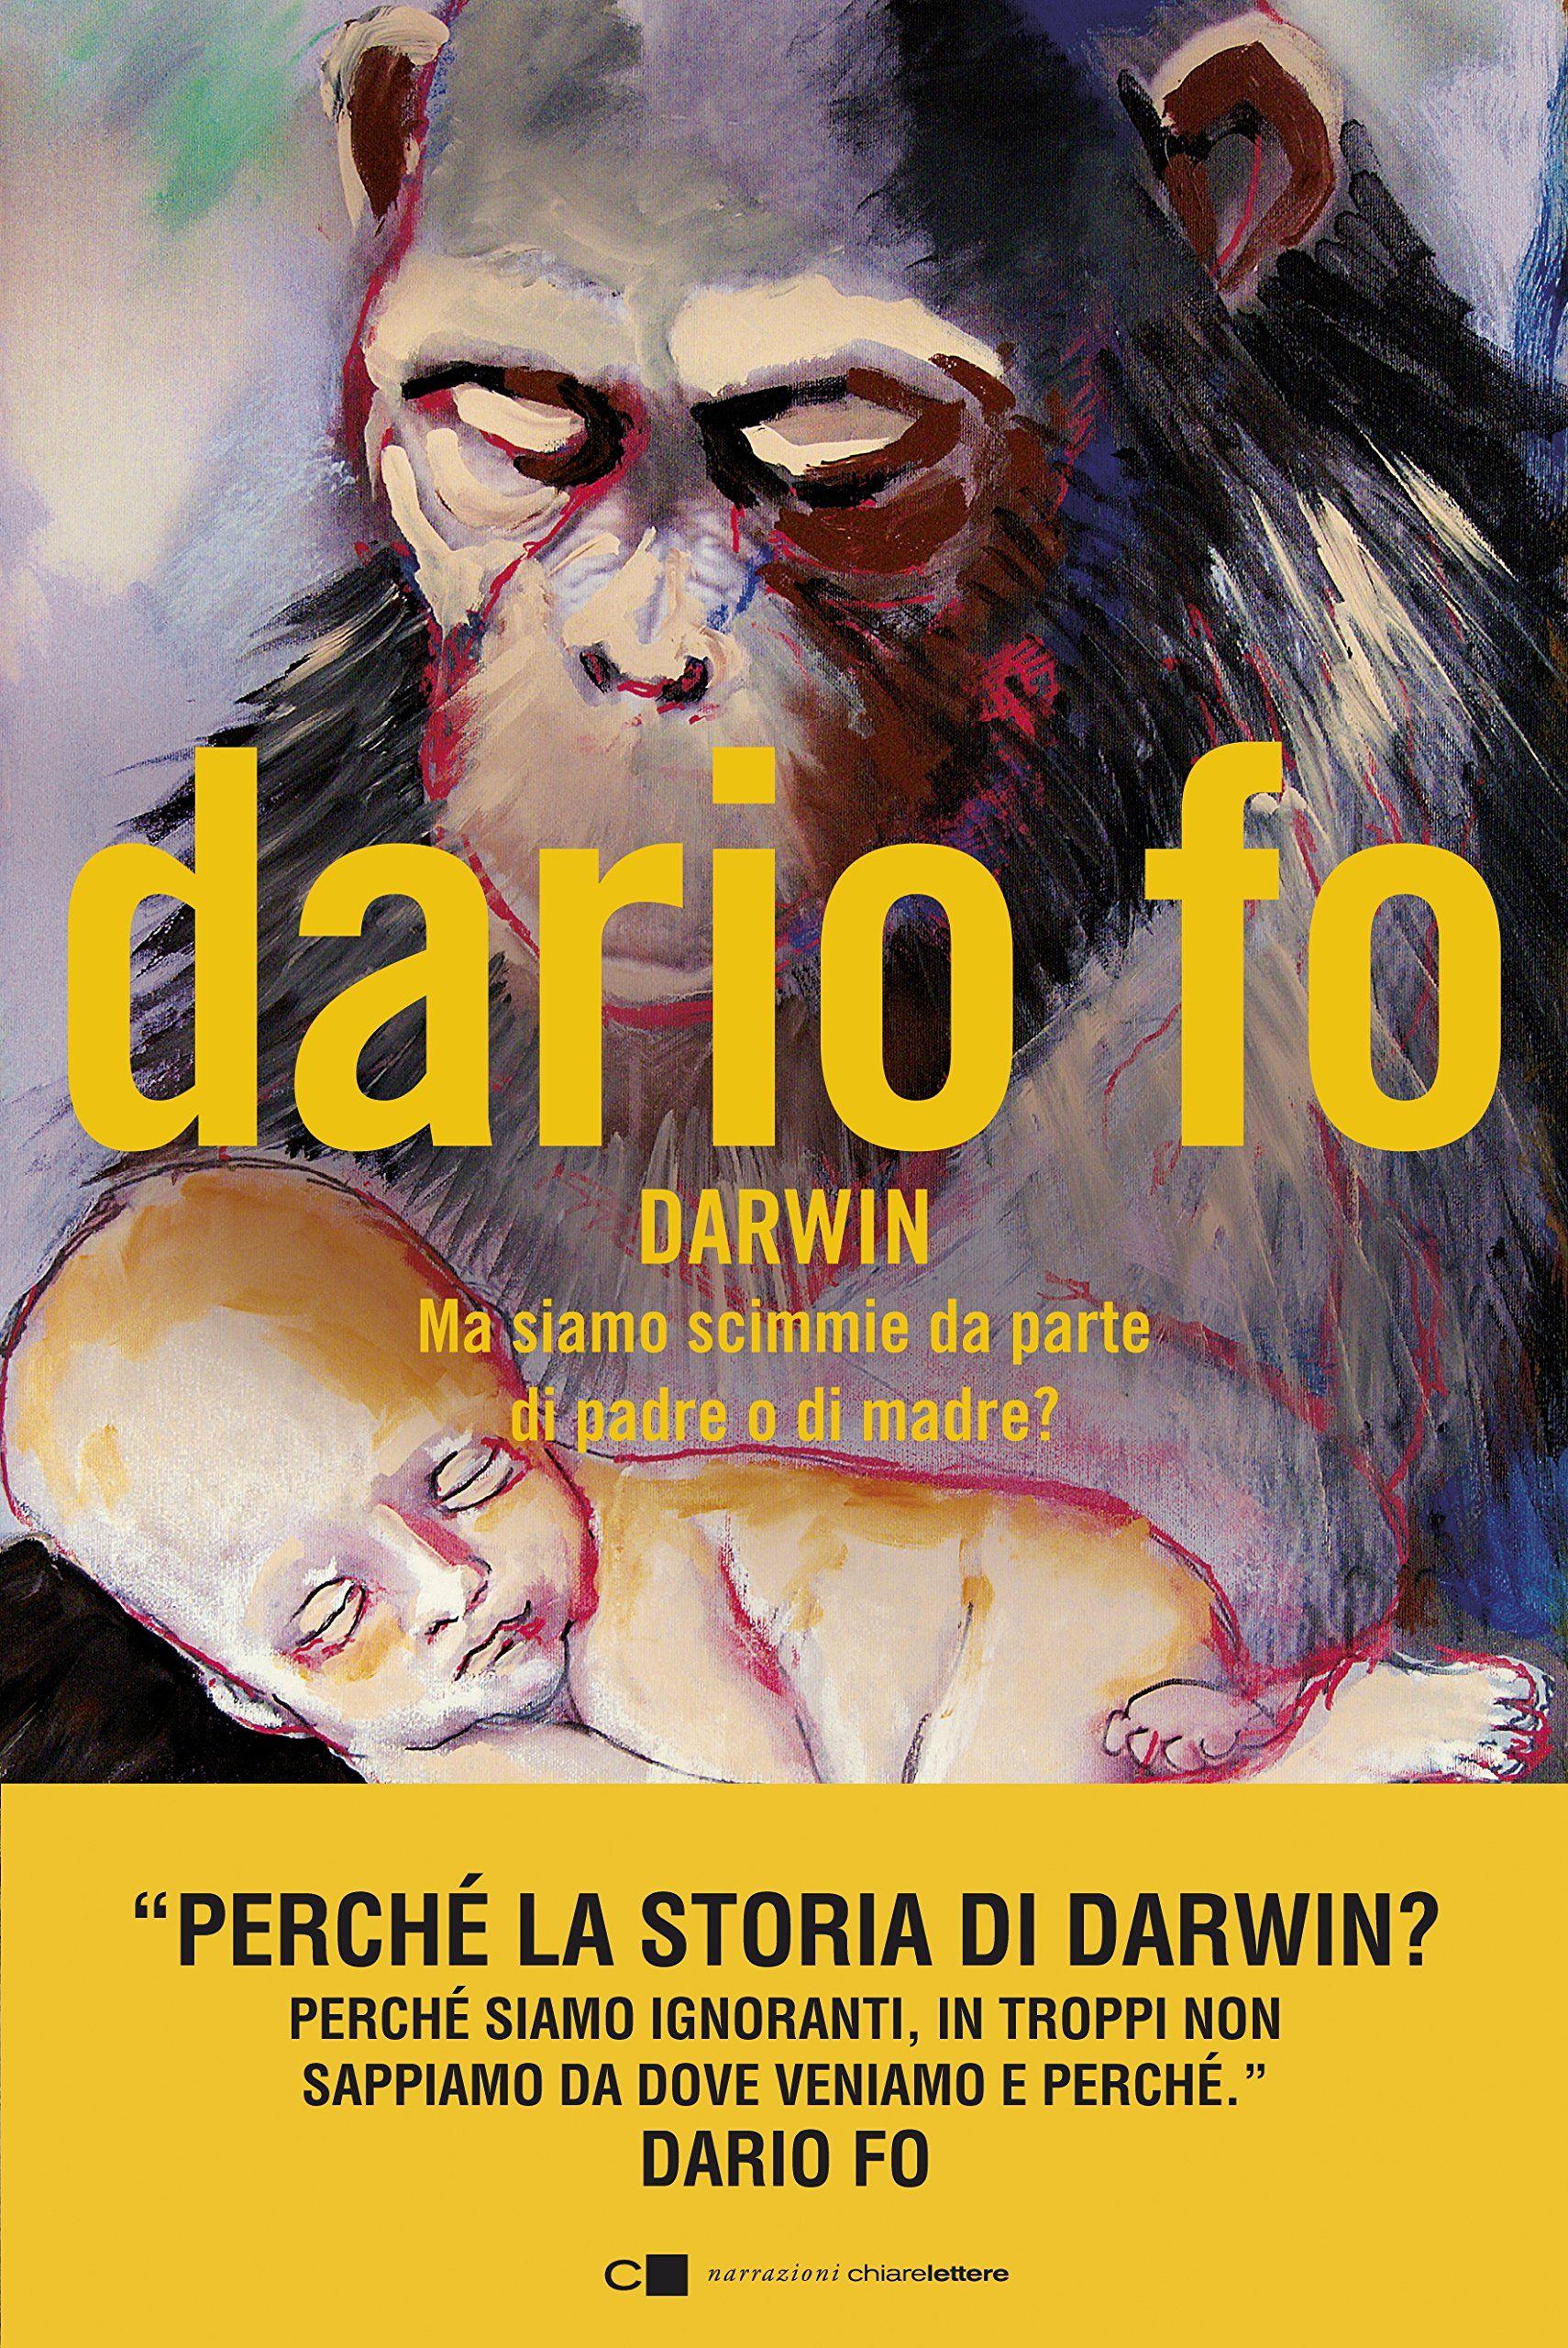 """""""Charles Darwin. Ma siamo scimmie da parte di padre o di madre?"""" Dario Fo"""